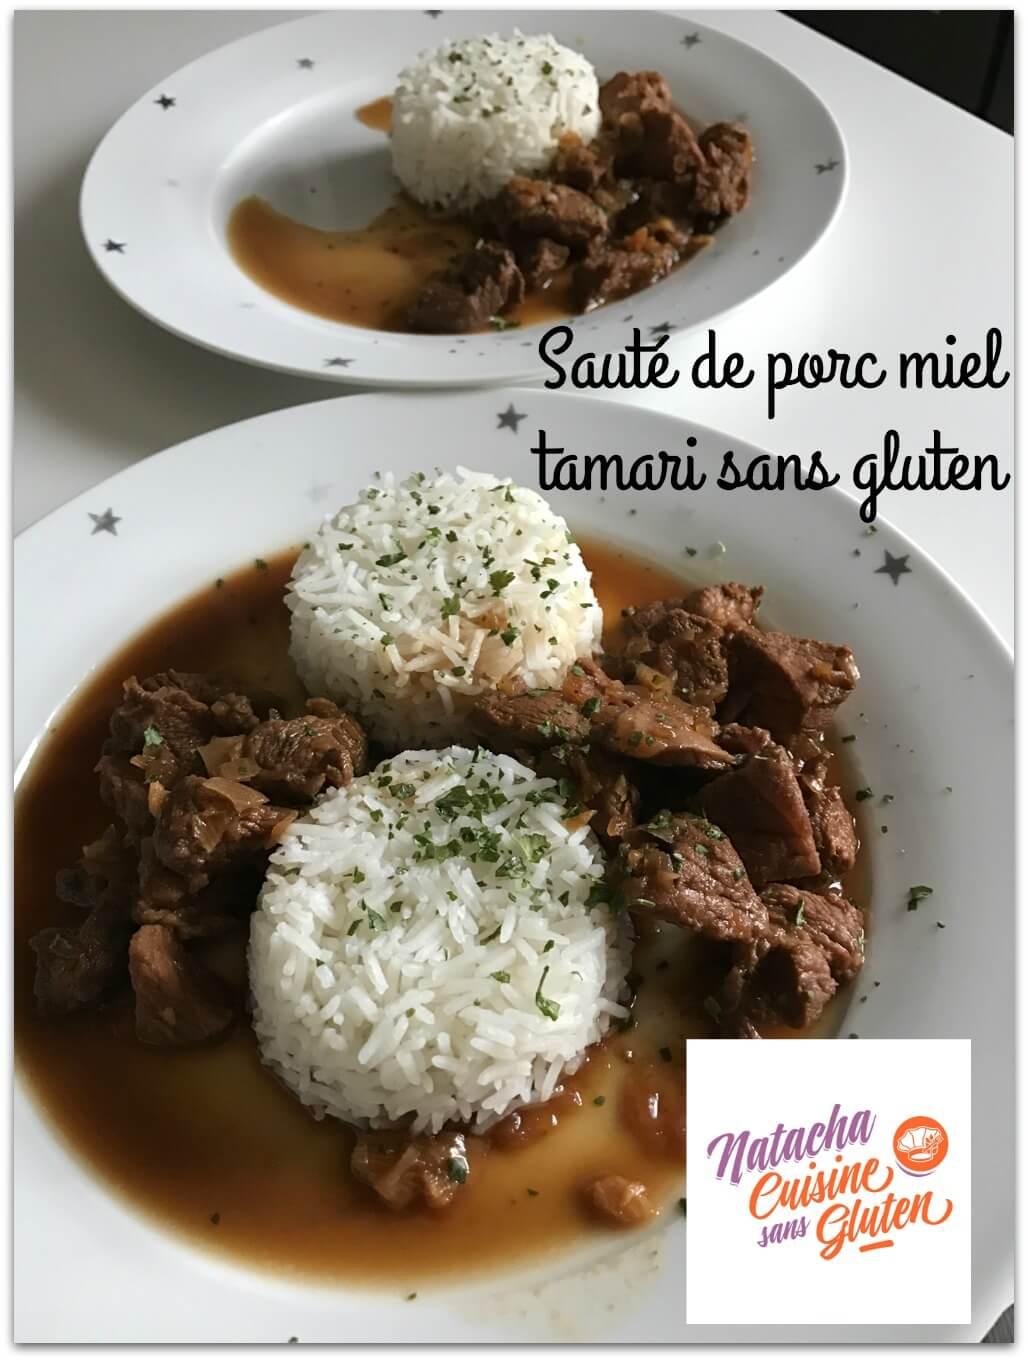 saute-porc-miel-tamari-sans-gluten